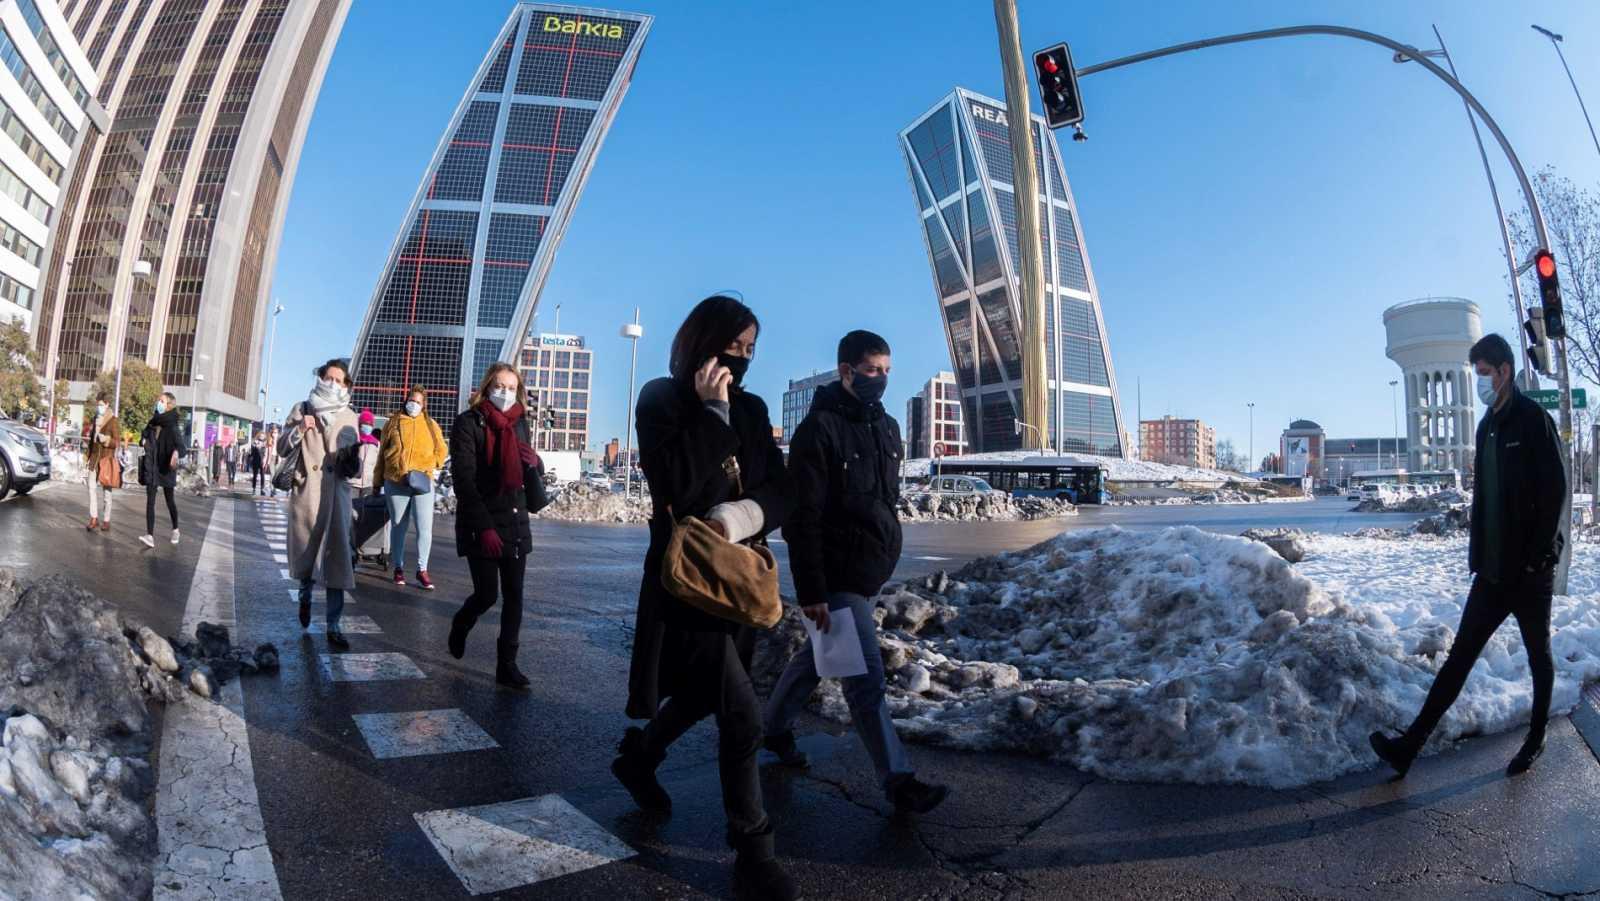 Peatones cruzan una calle en Plaza de Castilla en Madrid, este martes 19 de enero, once días después de le nevada que ha dejado el temporal Filomena